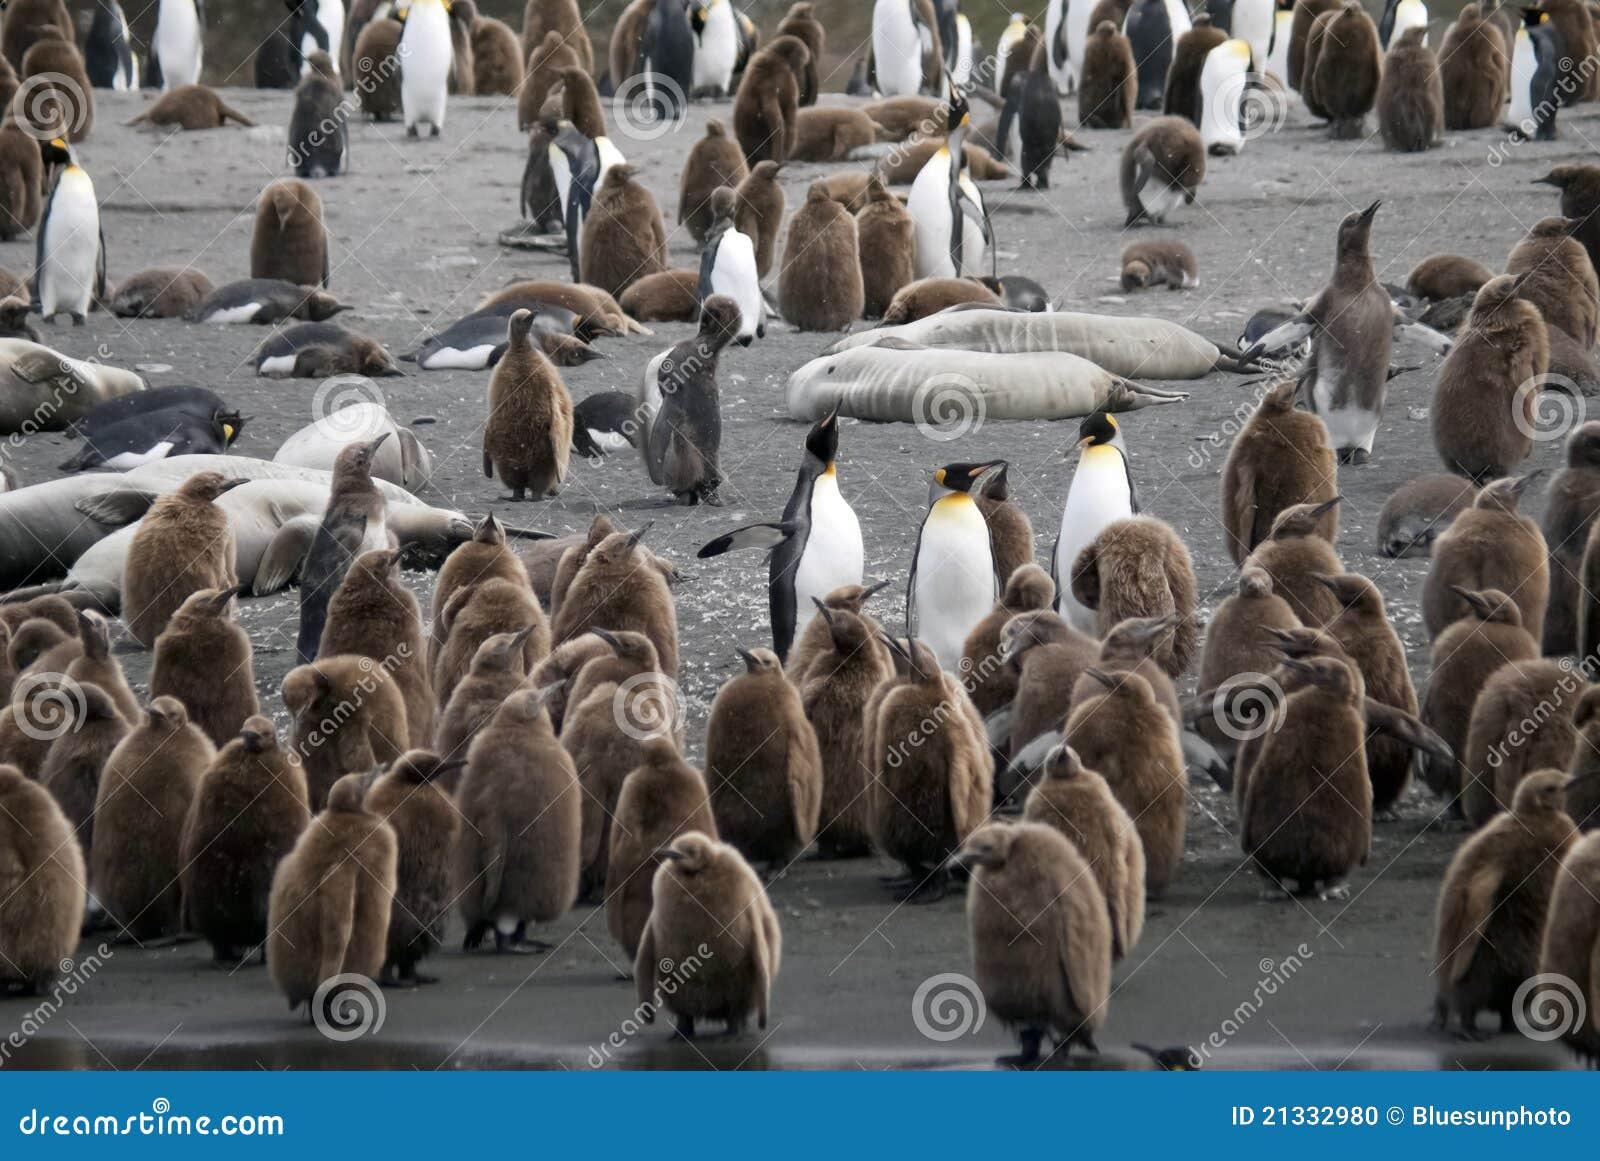 De Kolonie van de Pinguïn van de koning